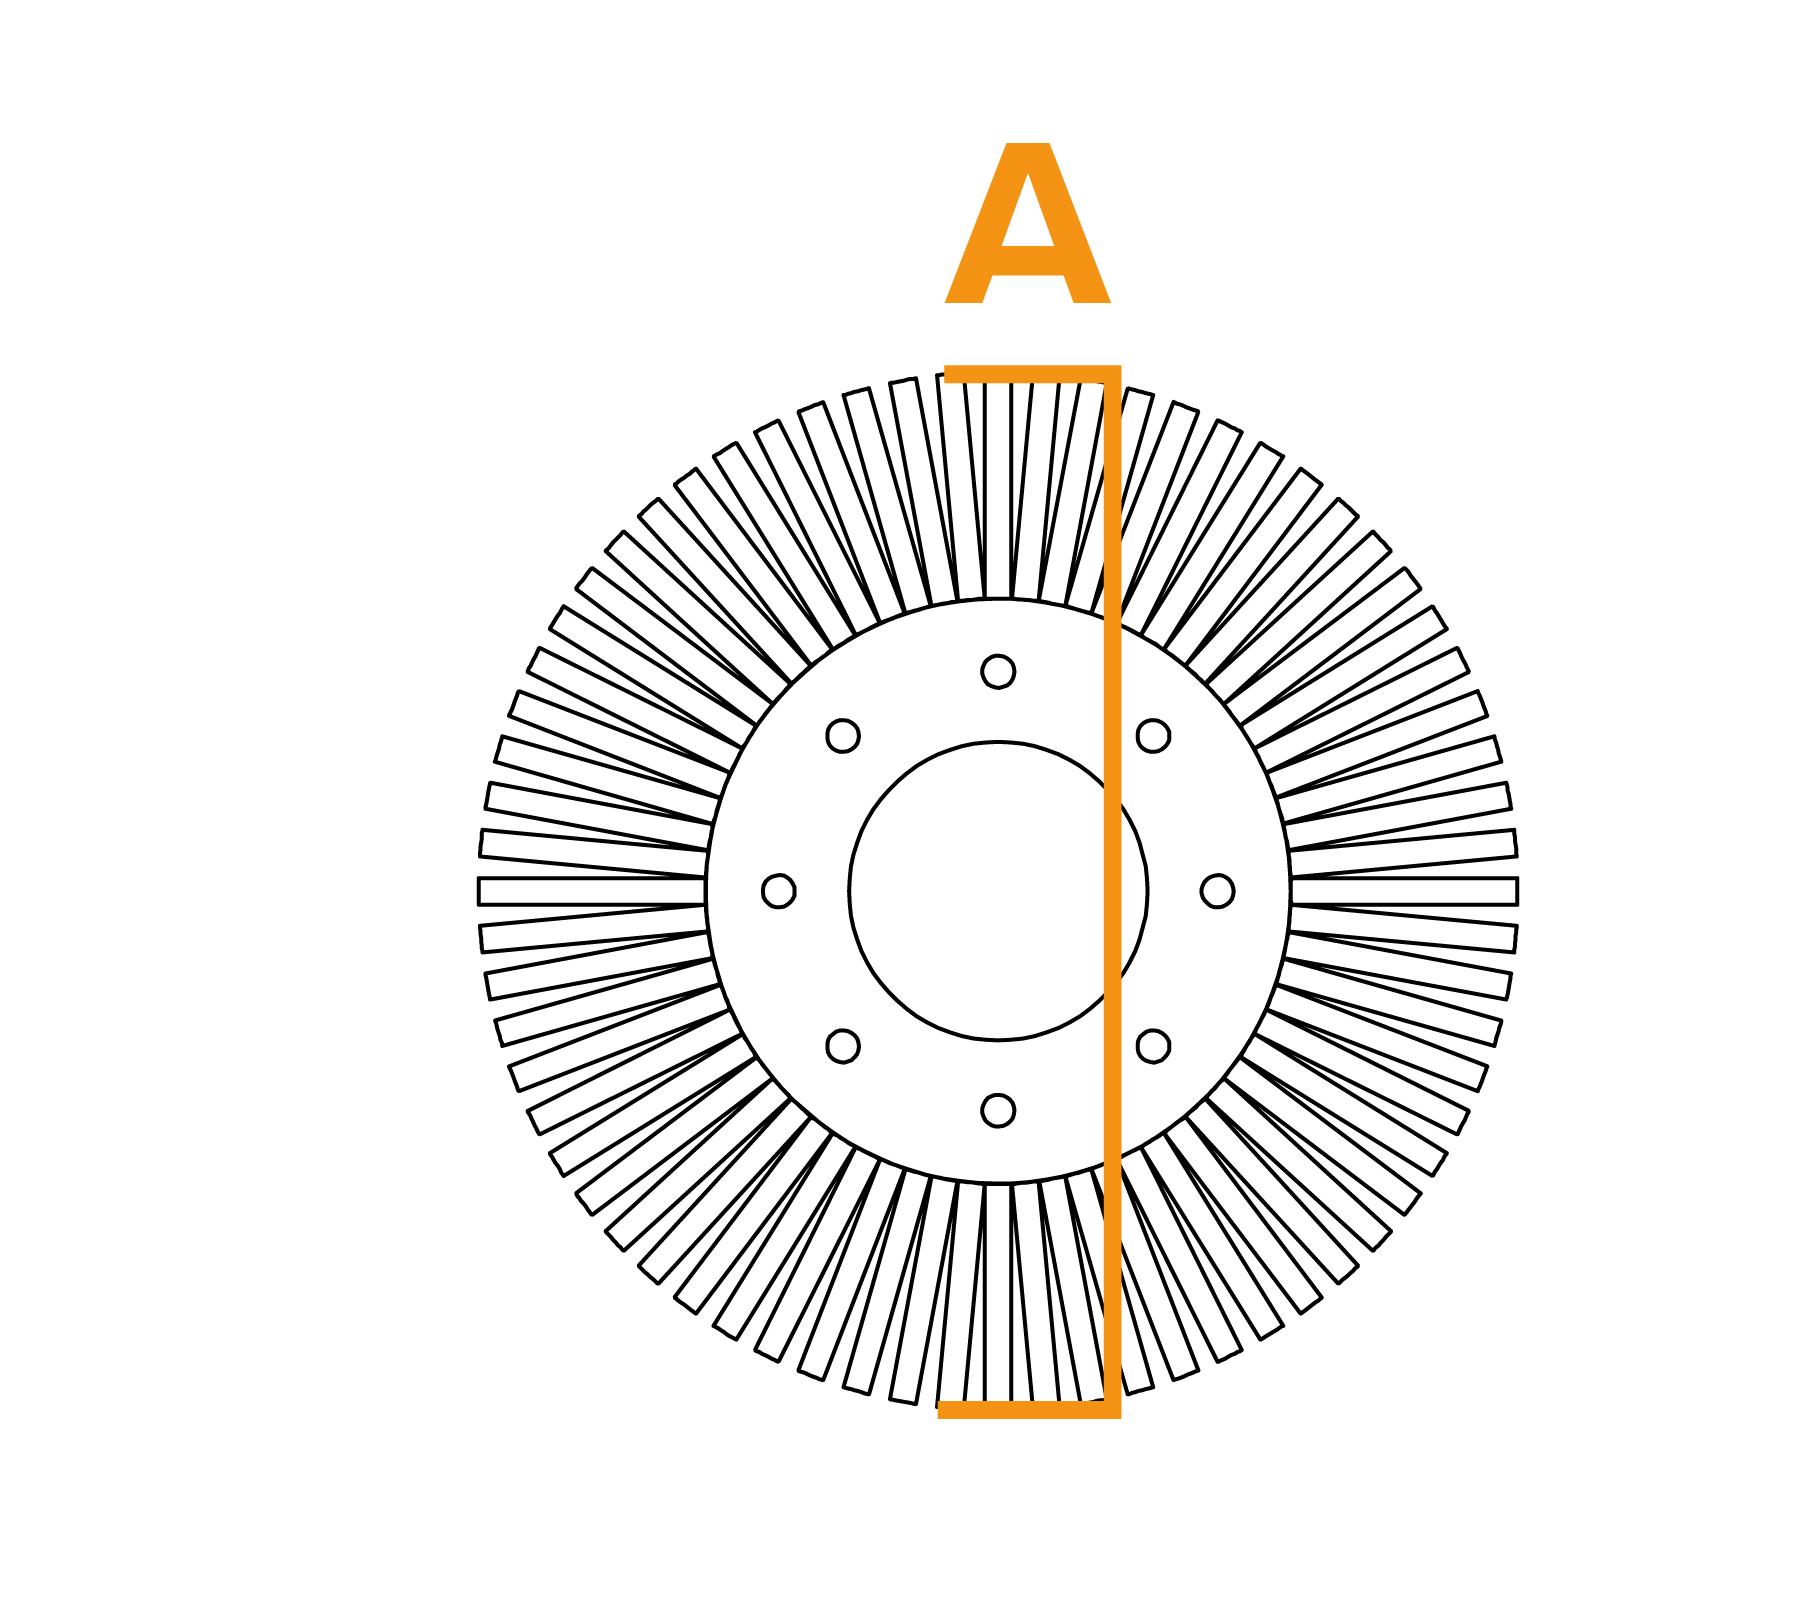 Potloodborstel met vaste kern - diagram A